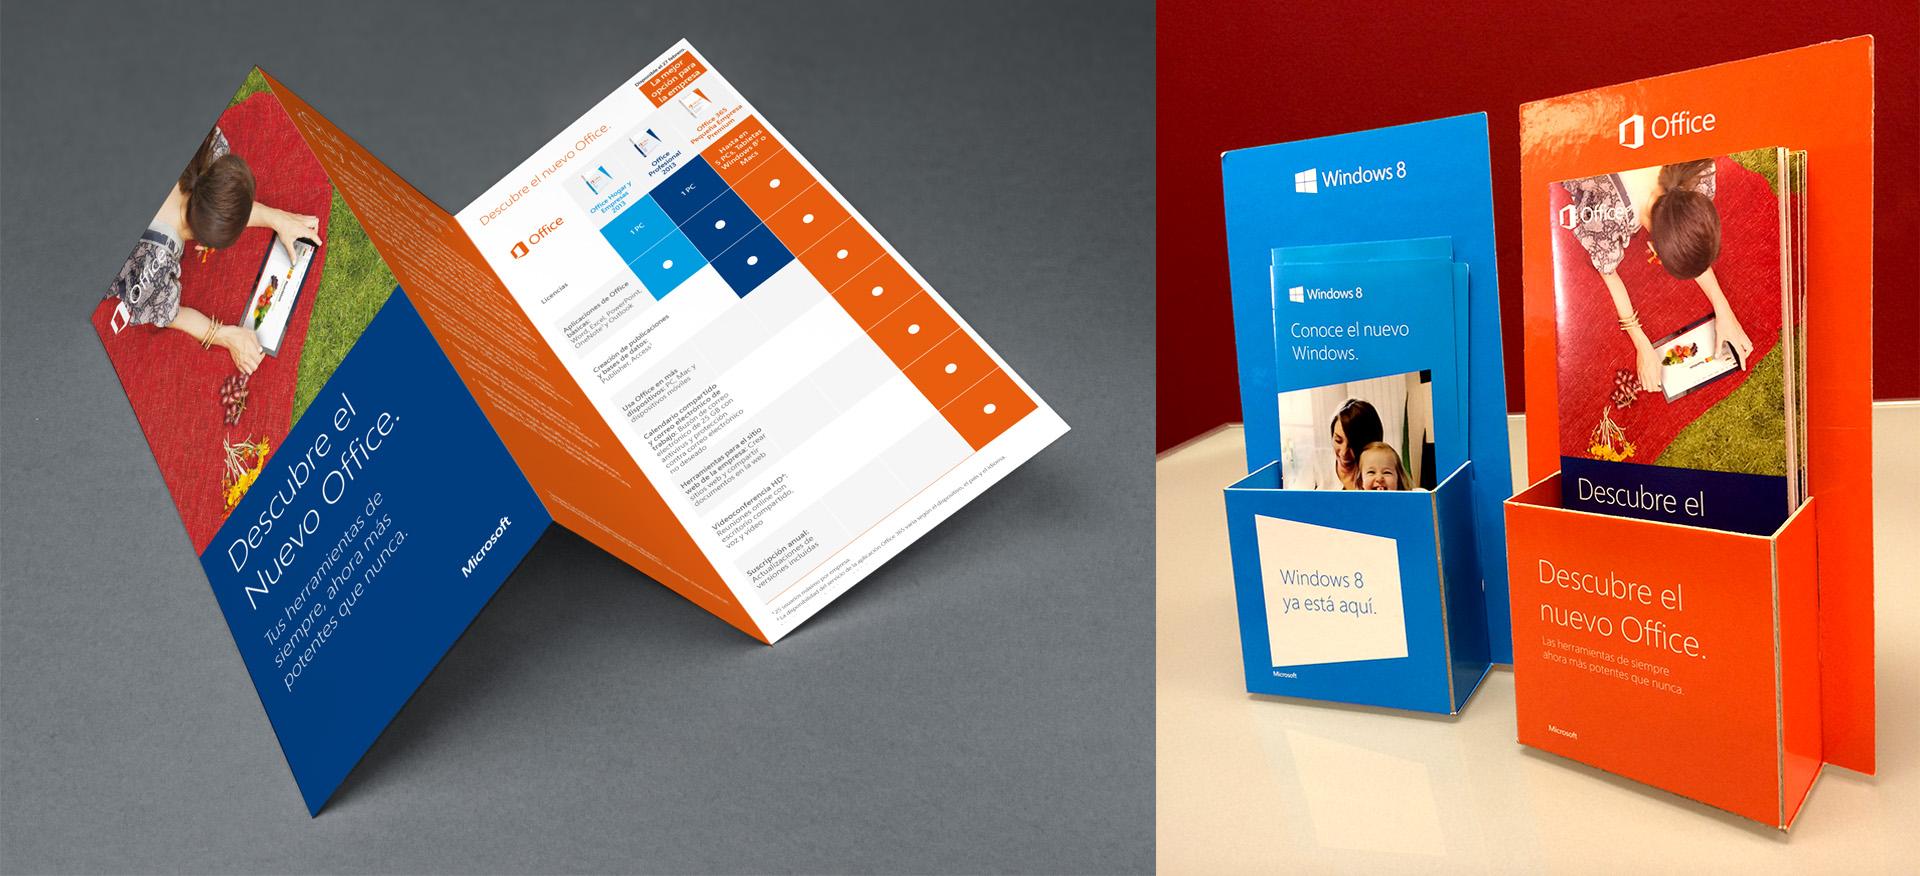 Tríptico y Portafolletos para lanzamiento del Nuevo Office